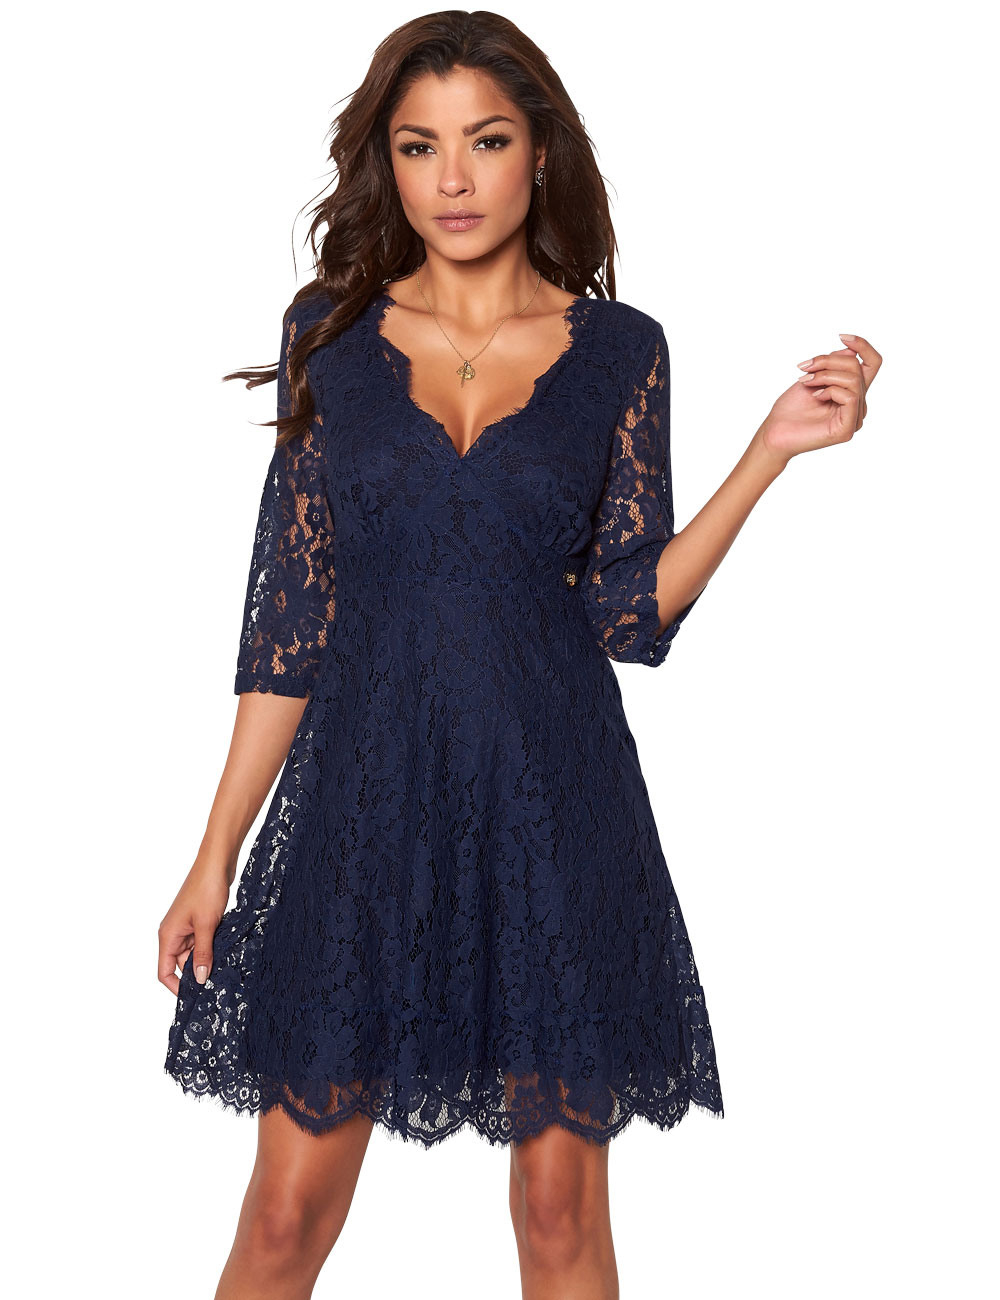 Großartig Kleid Mit Spitzenärmeln Spezialgebiet Genial Kleid Mit Spitzenärmeln Vertrieb